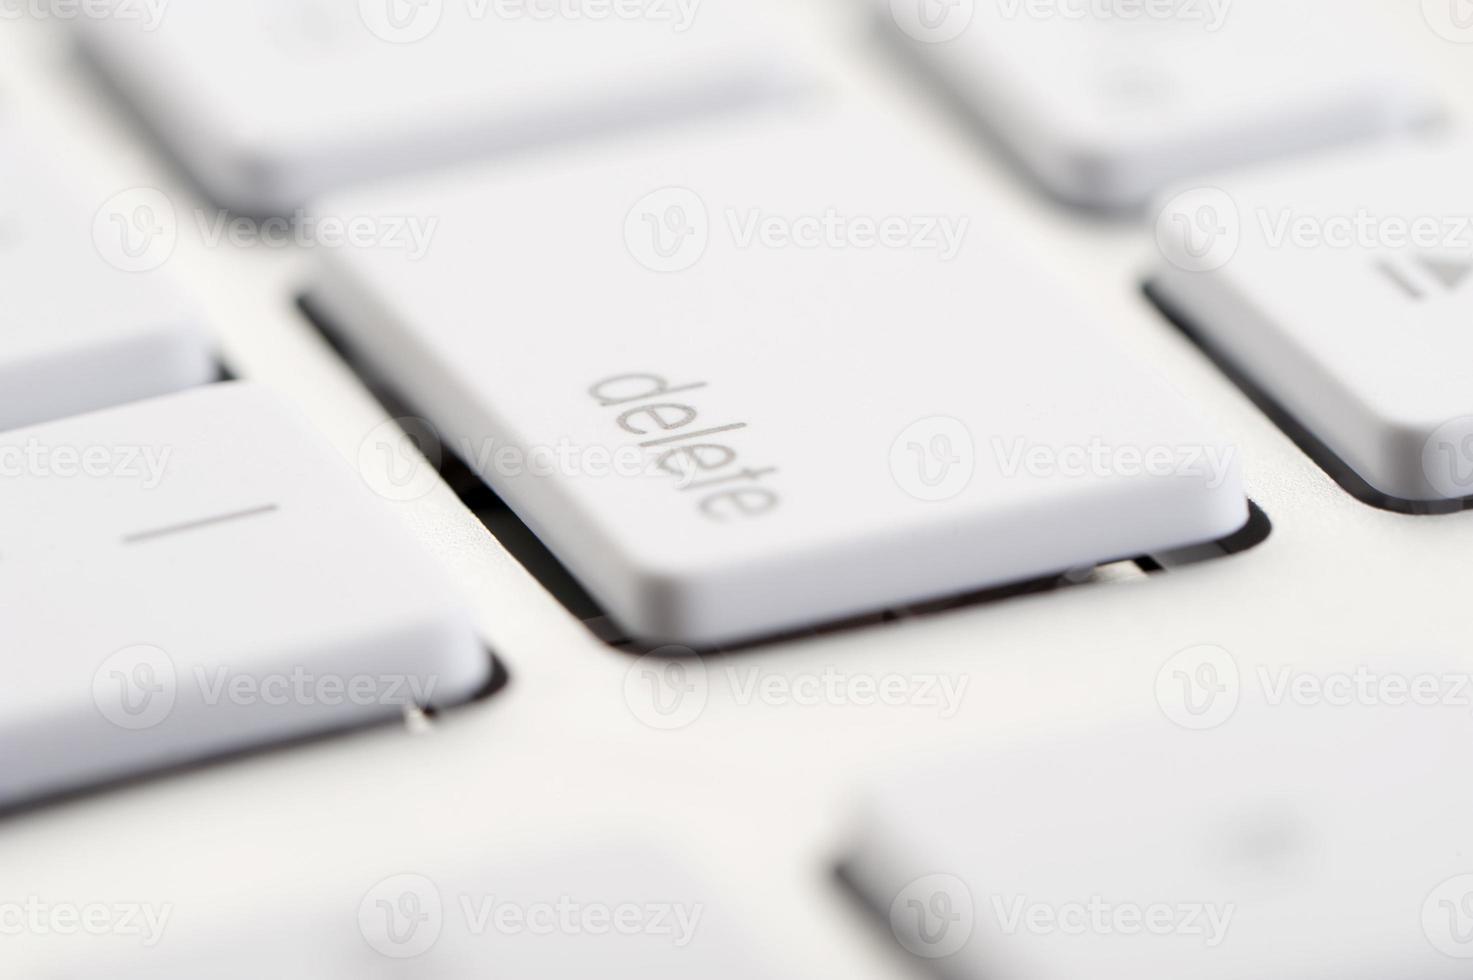 Delete key photo